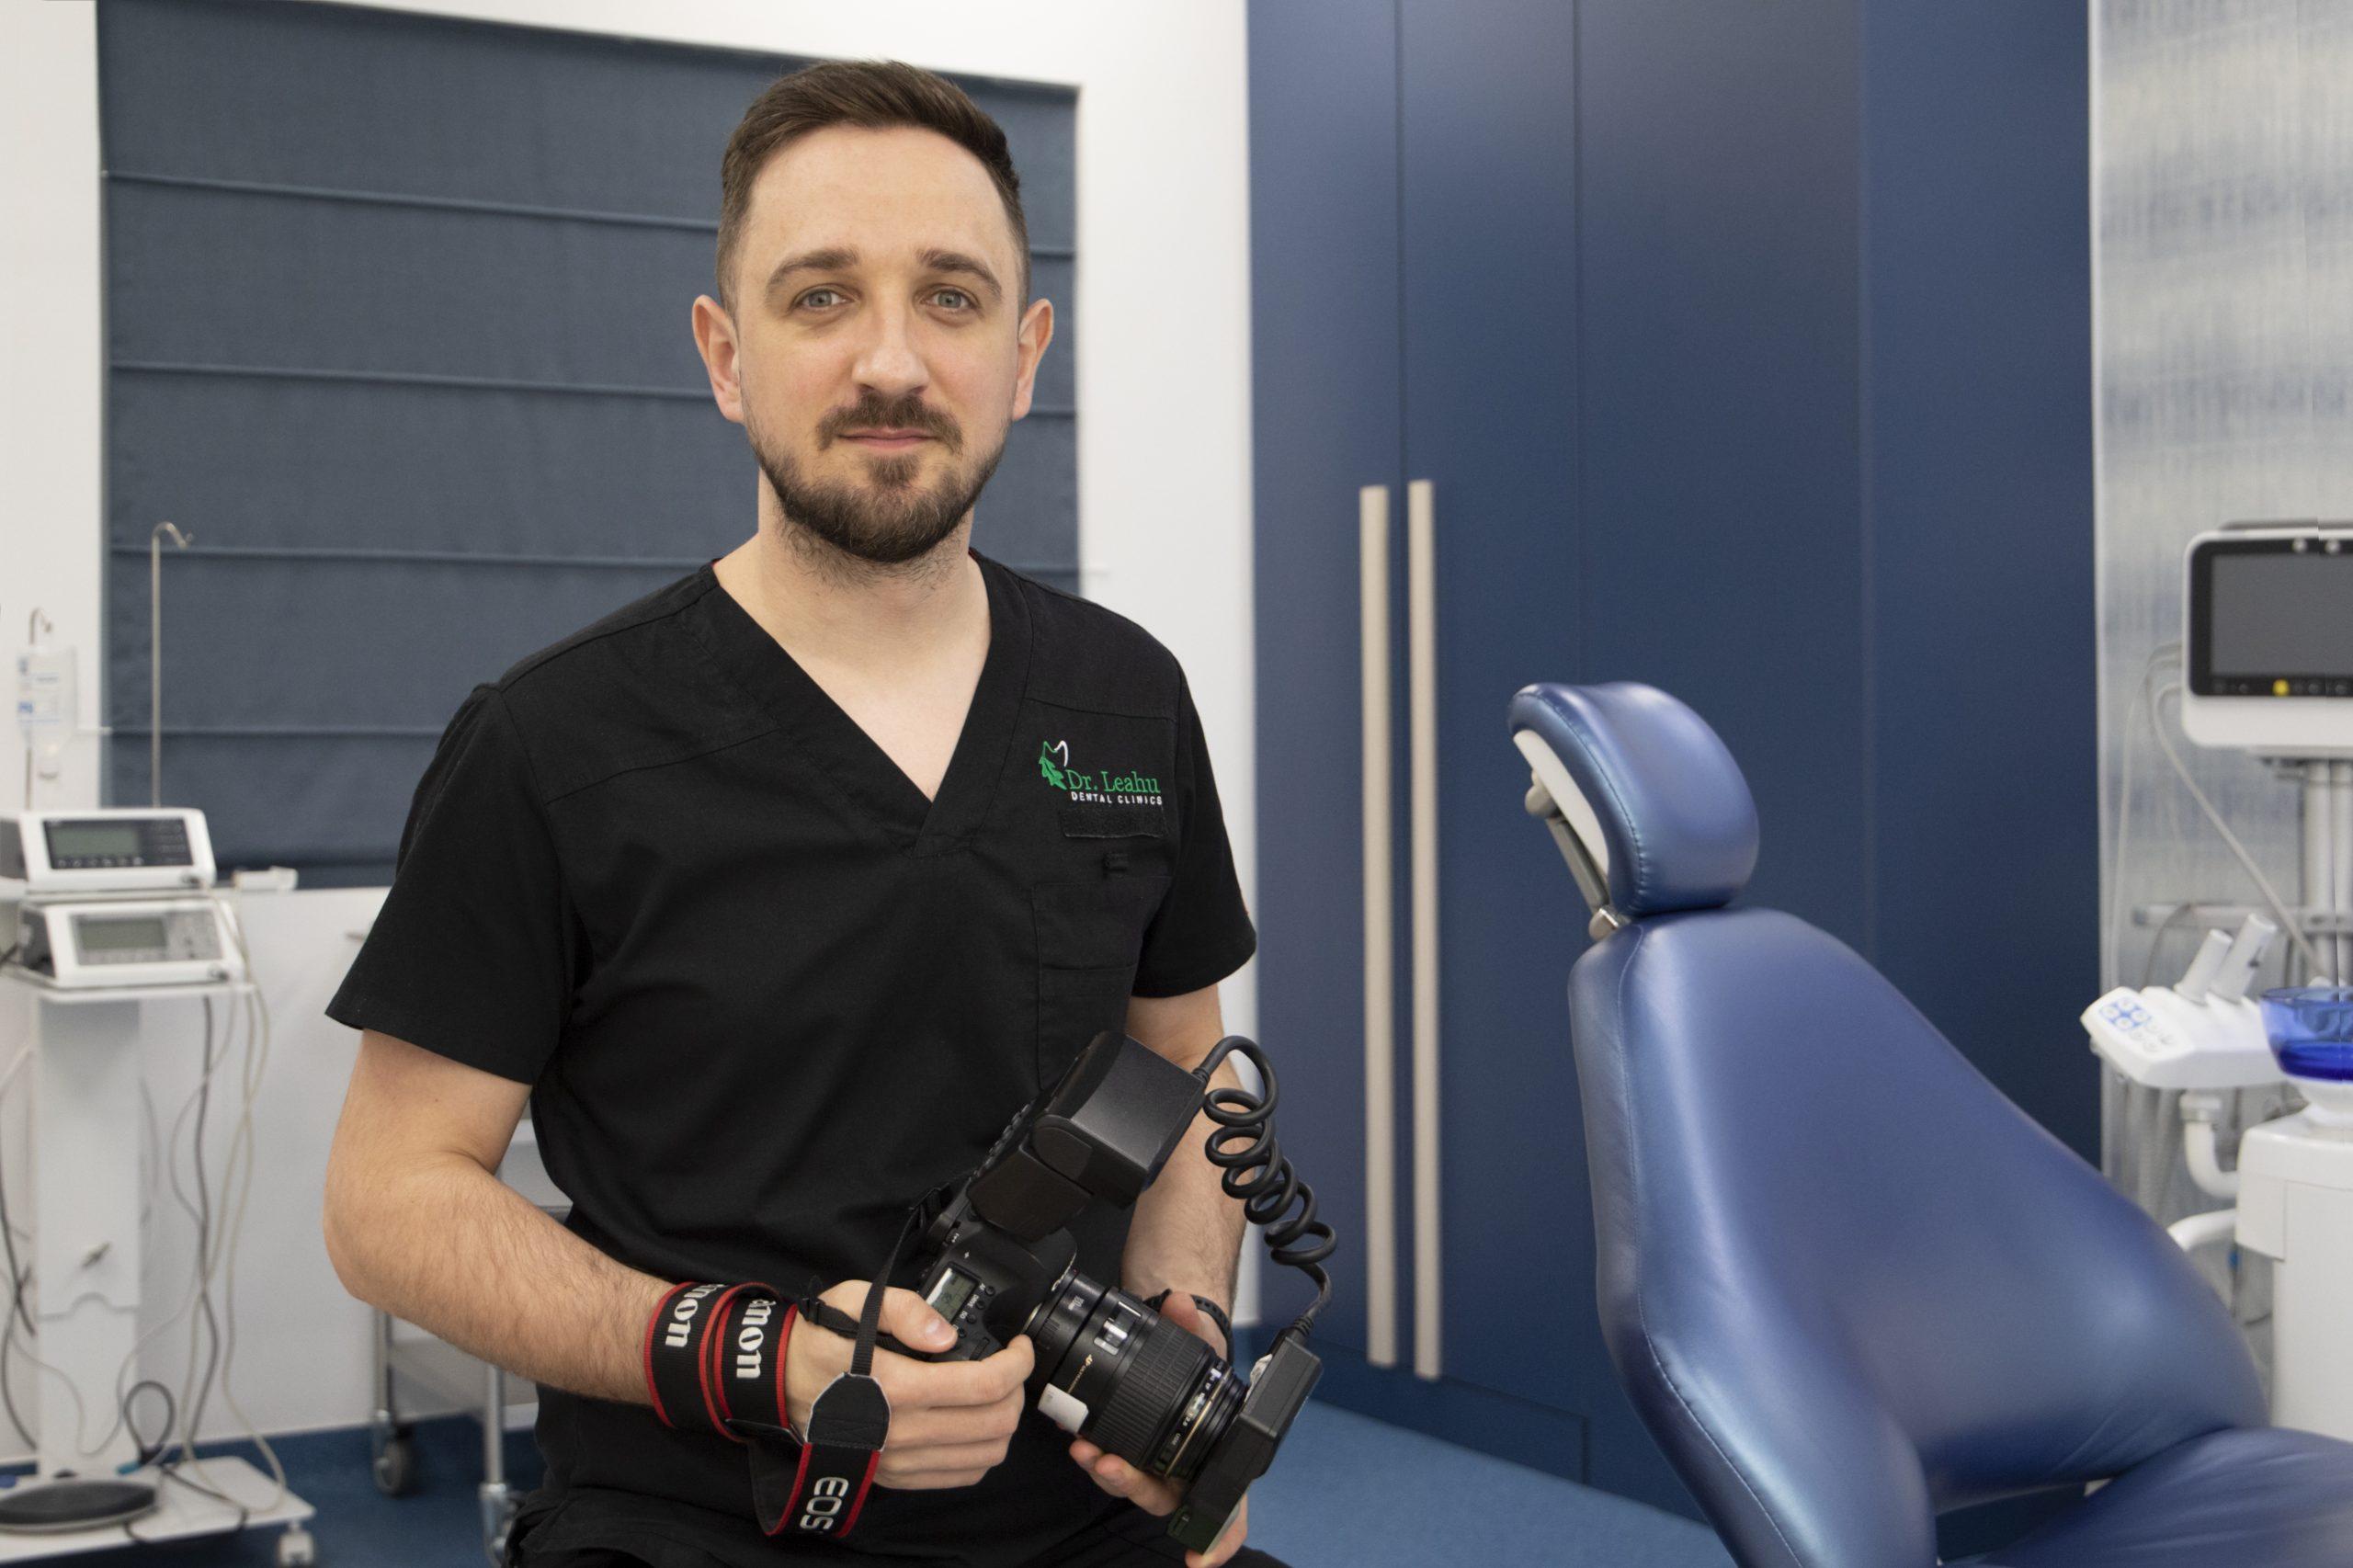 Fotograf Dr. Leahu în cabinetul de medicina dentara